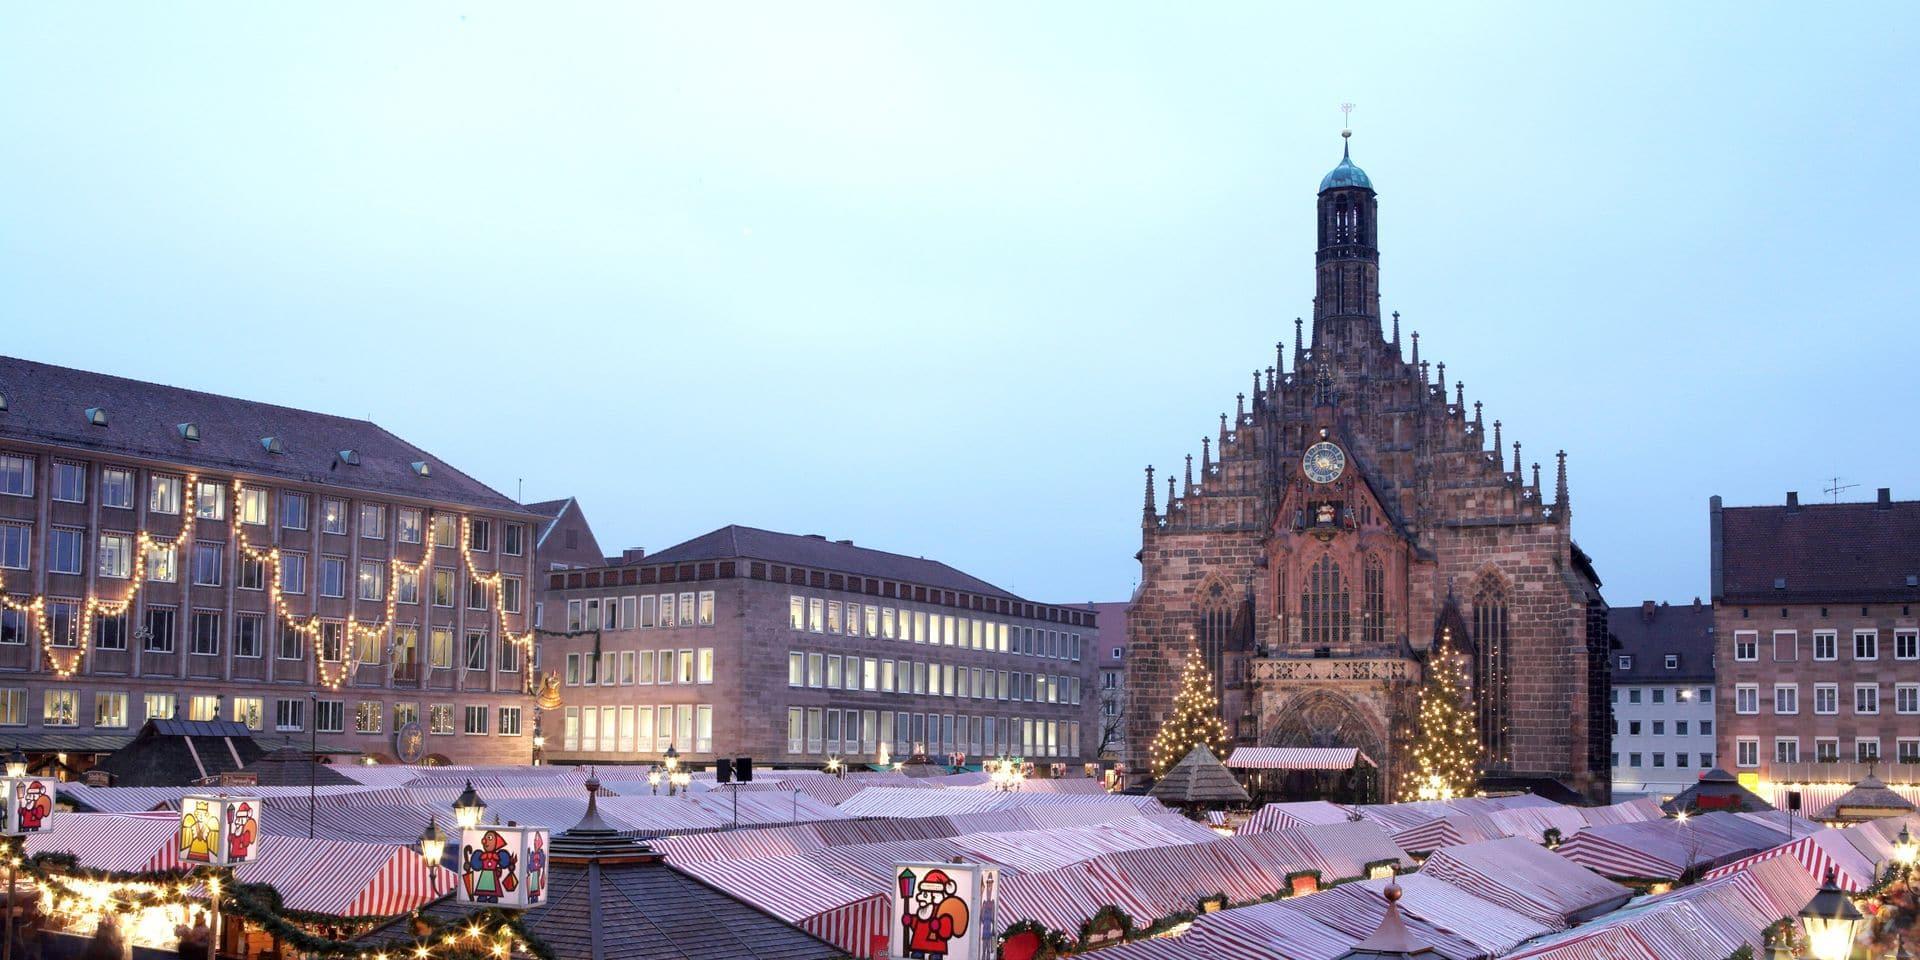 Le marché de Noël de Nuremberg, en Allemagne, annulé en raison du coronavirus